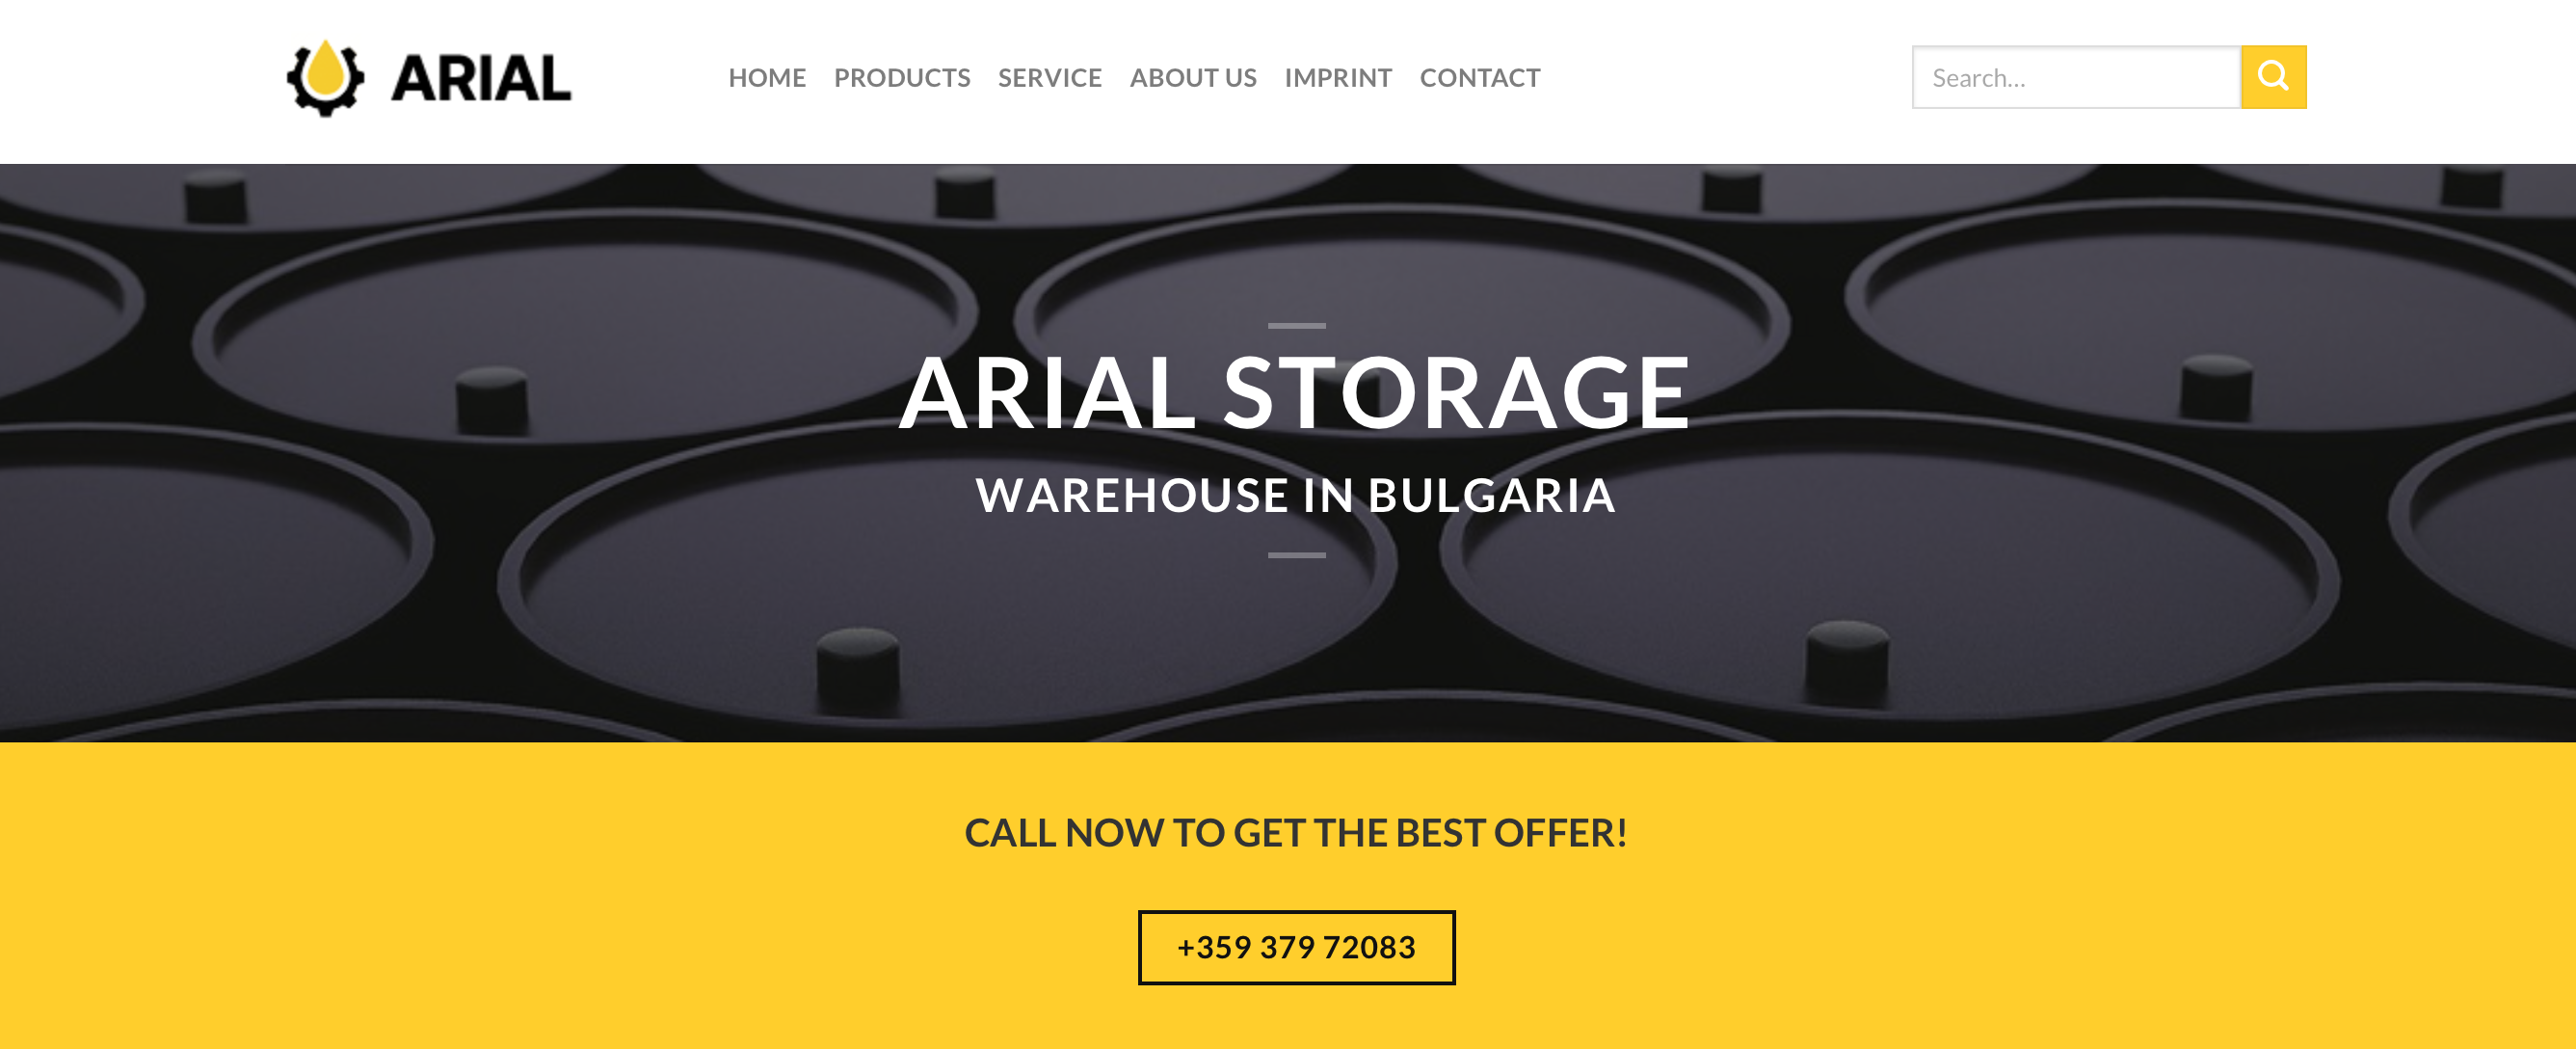 ARIAL - моторные масла из Германии